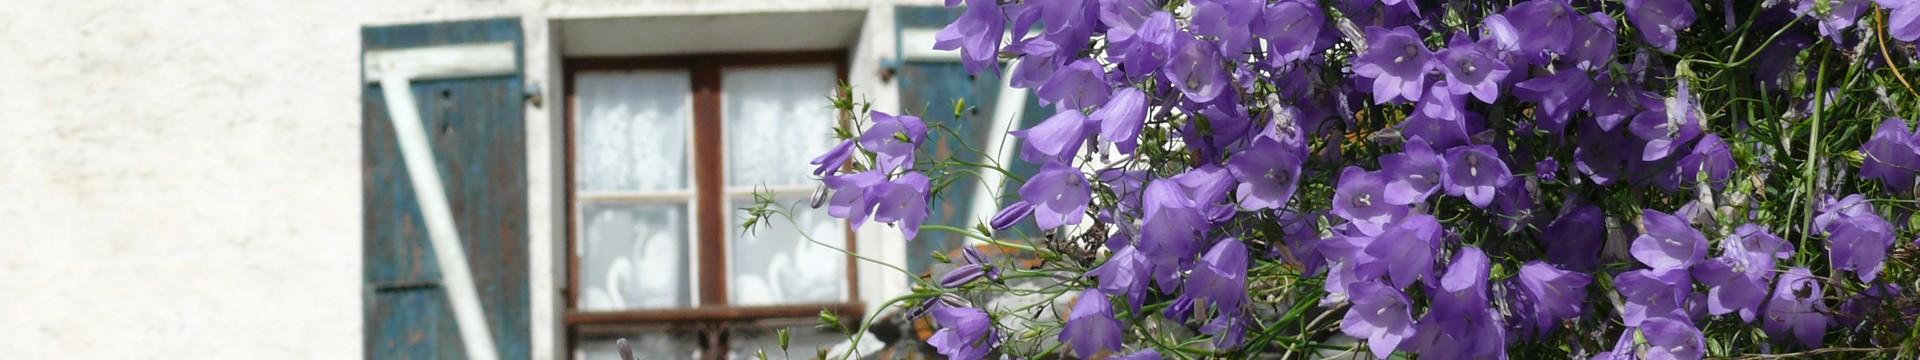 fleurs-et-volet-9334